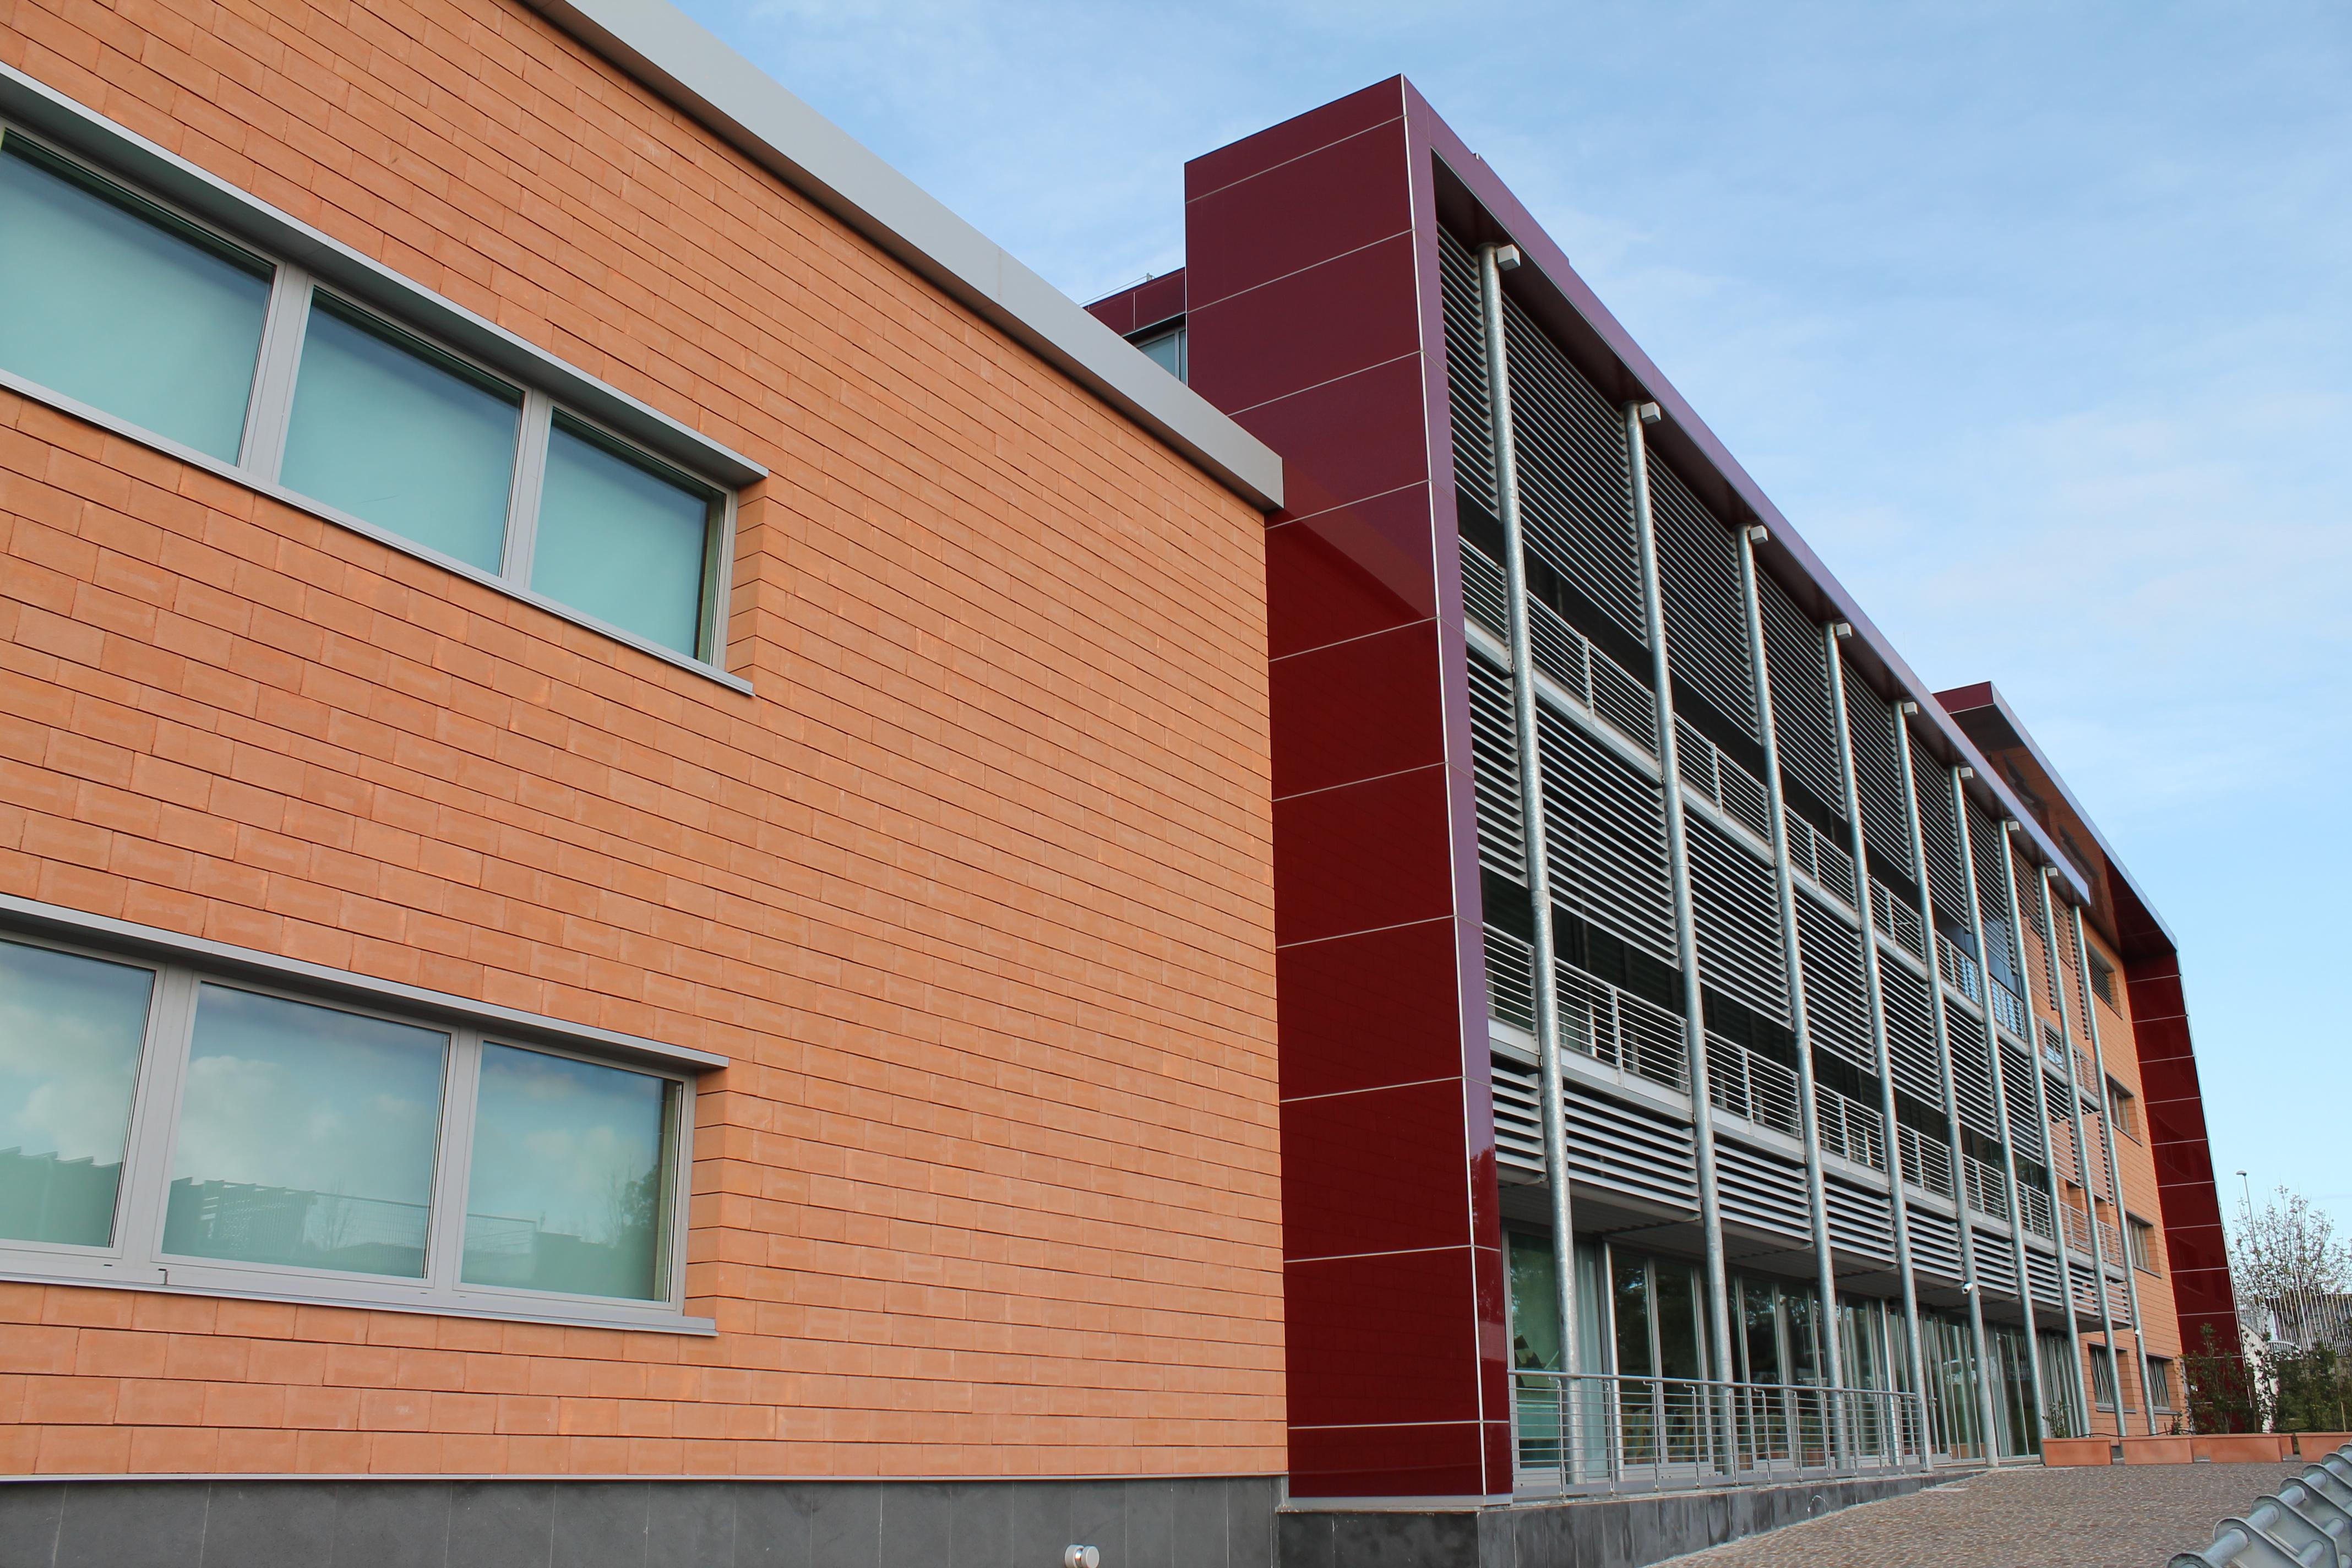 Le facciate ventilate in cotto per l'università Campus Bio-Medico di Roma - Il Nuovo Cantiere